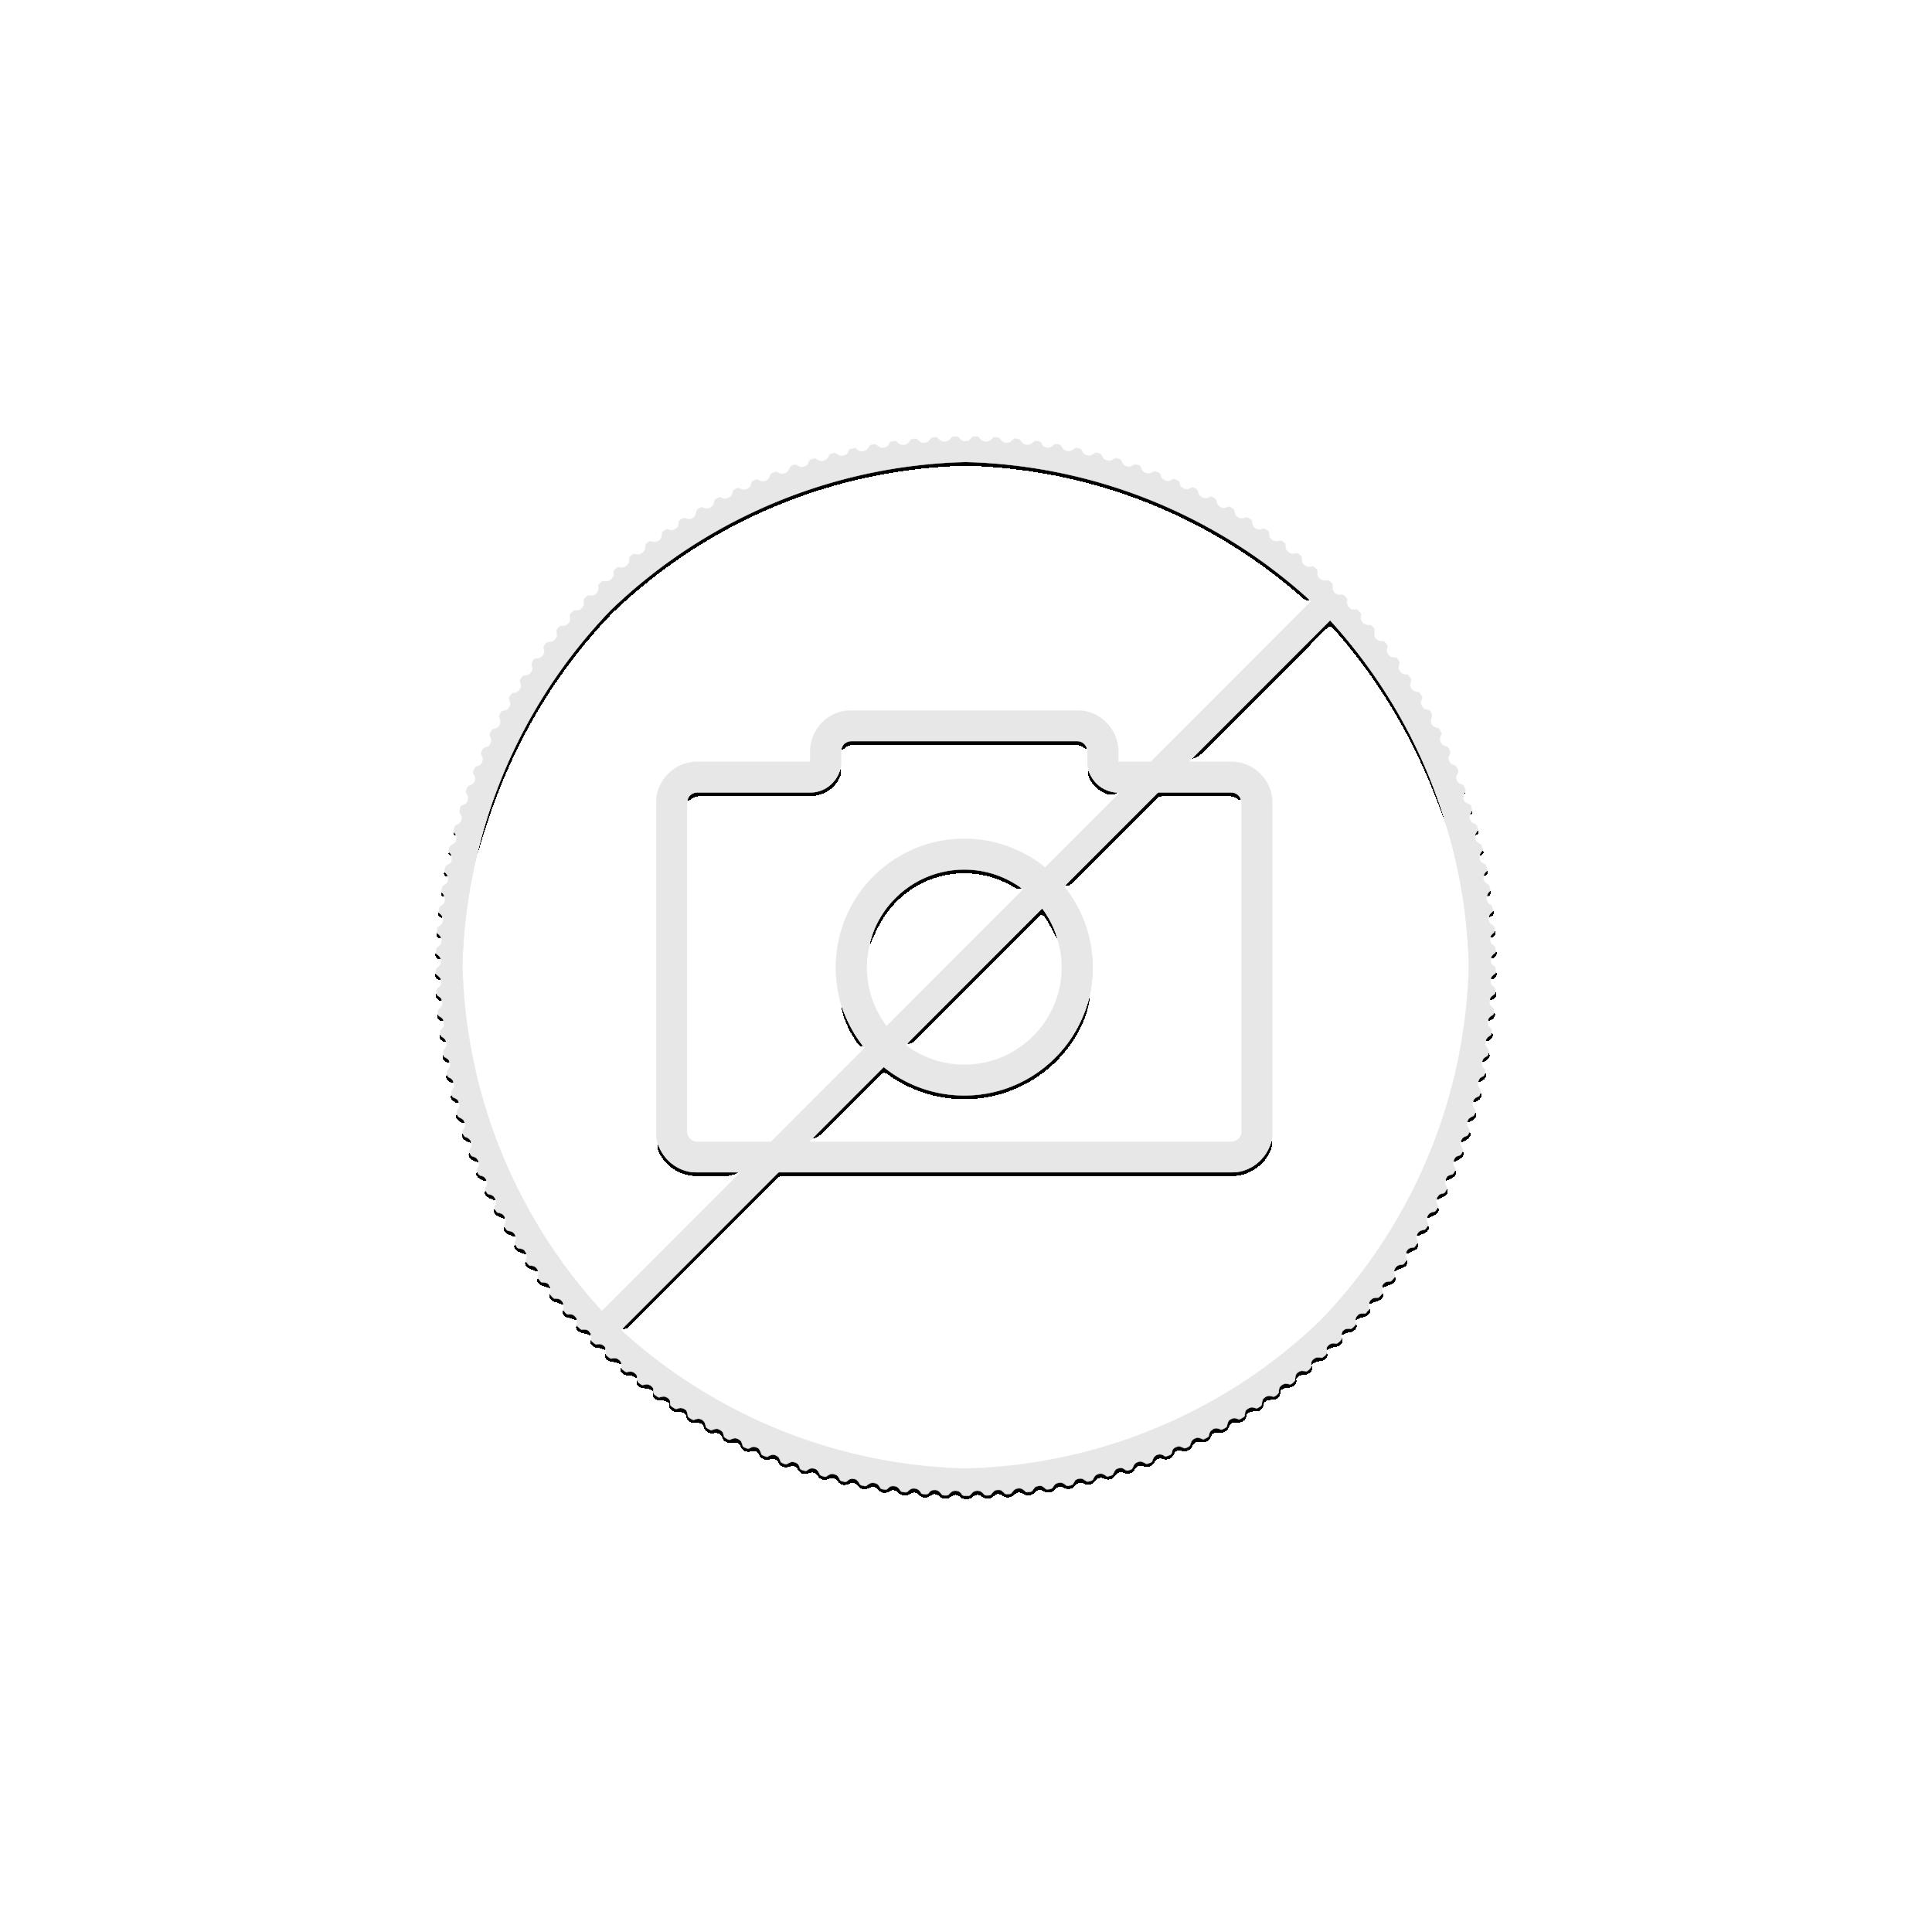 1,5 troy ounce zilveren credit card munt met goudlaag 2020